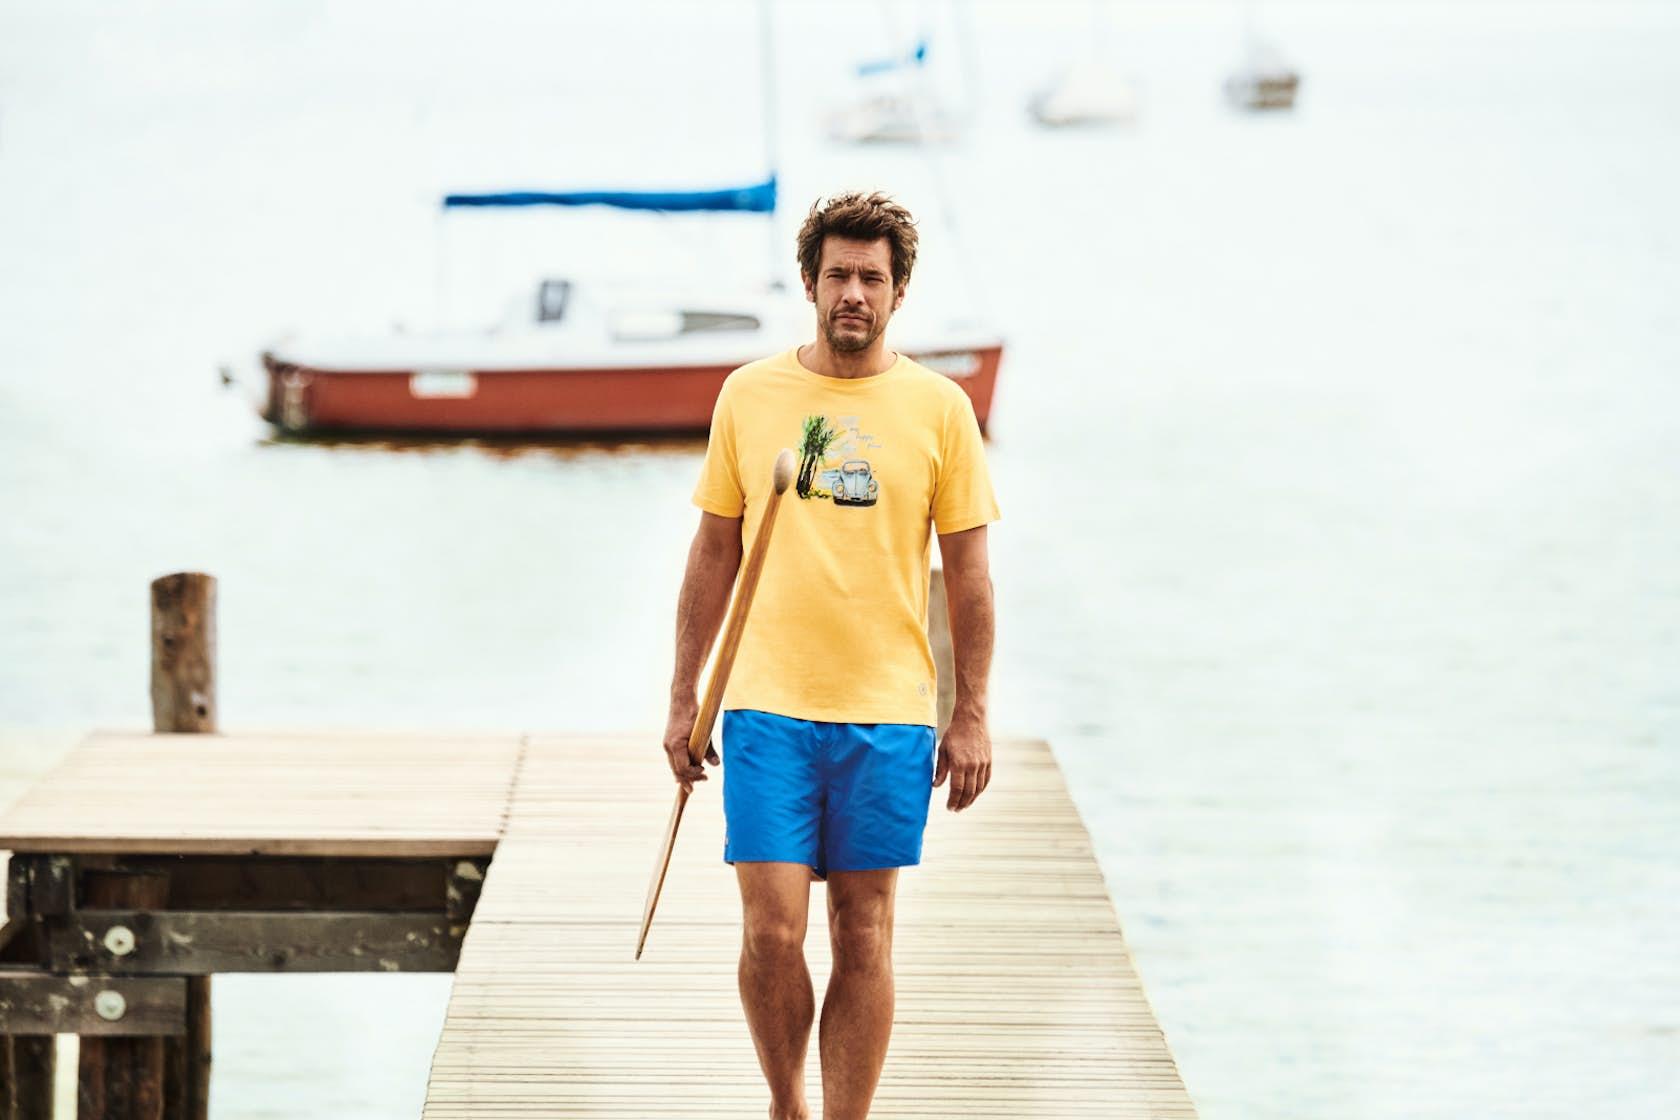 RAGMAN Man of Joy Herren Outfit, T-Shirt und Shorts auf Bootssteg